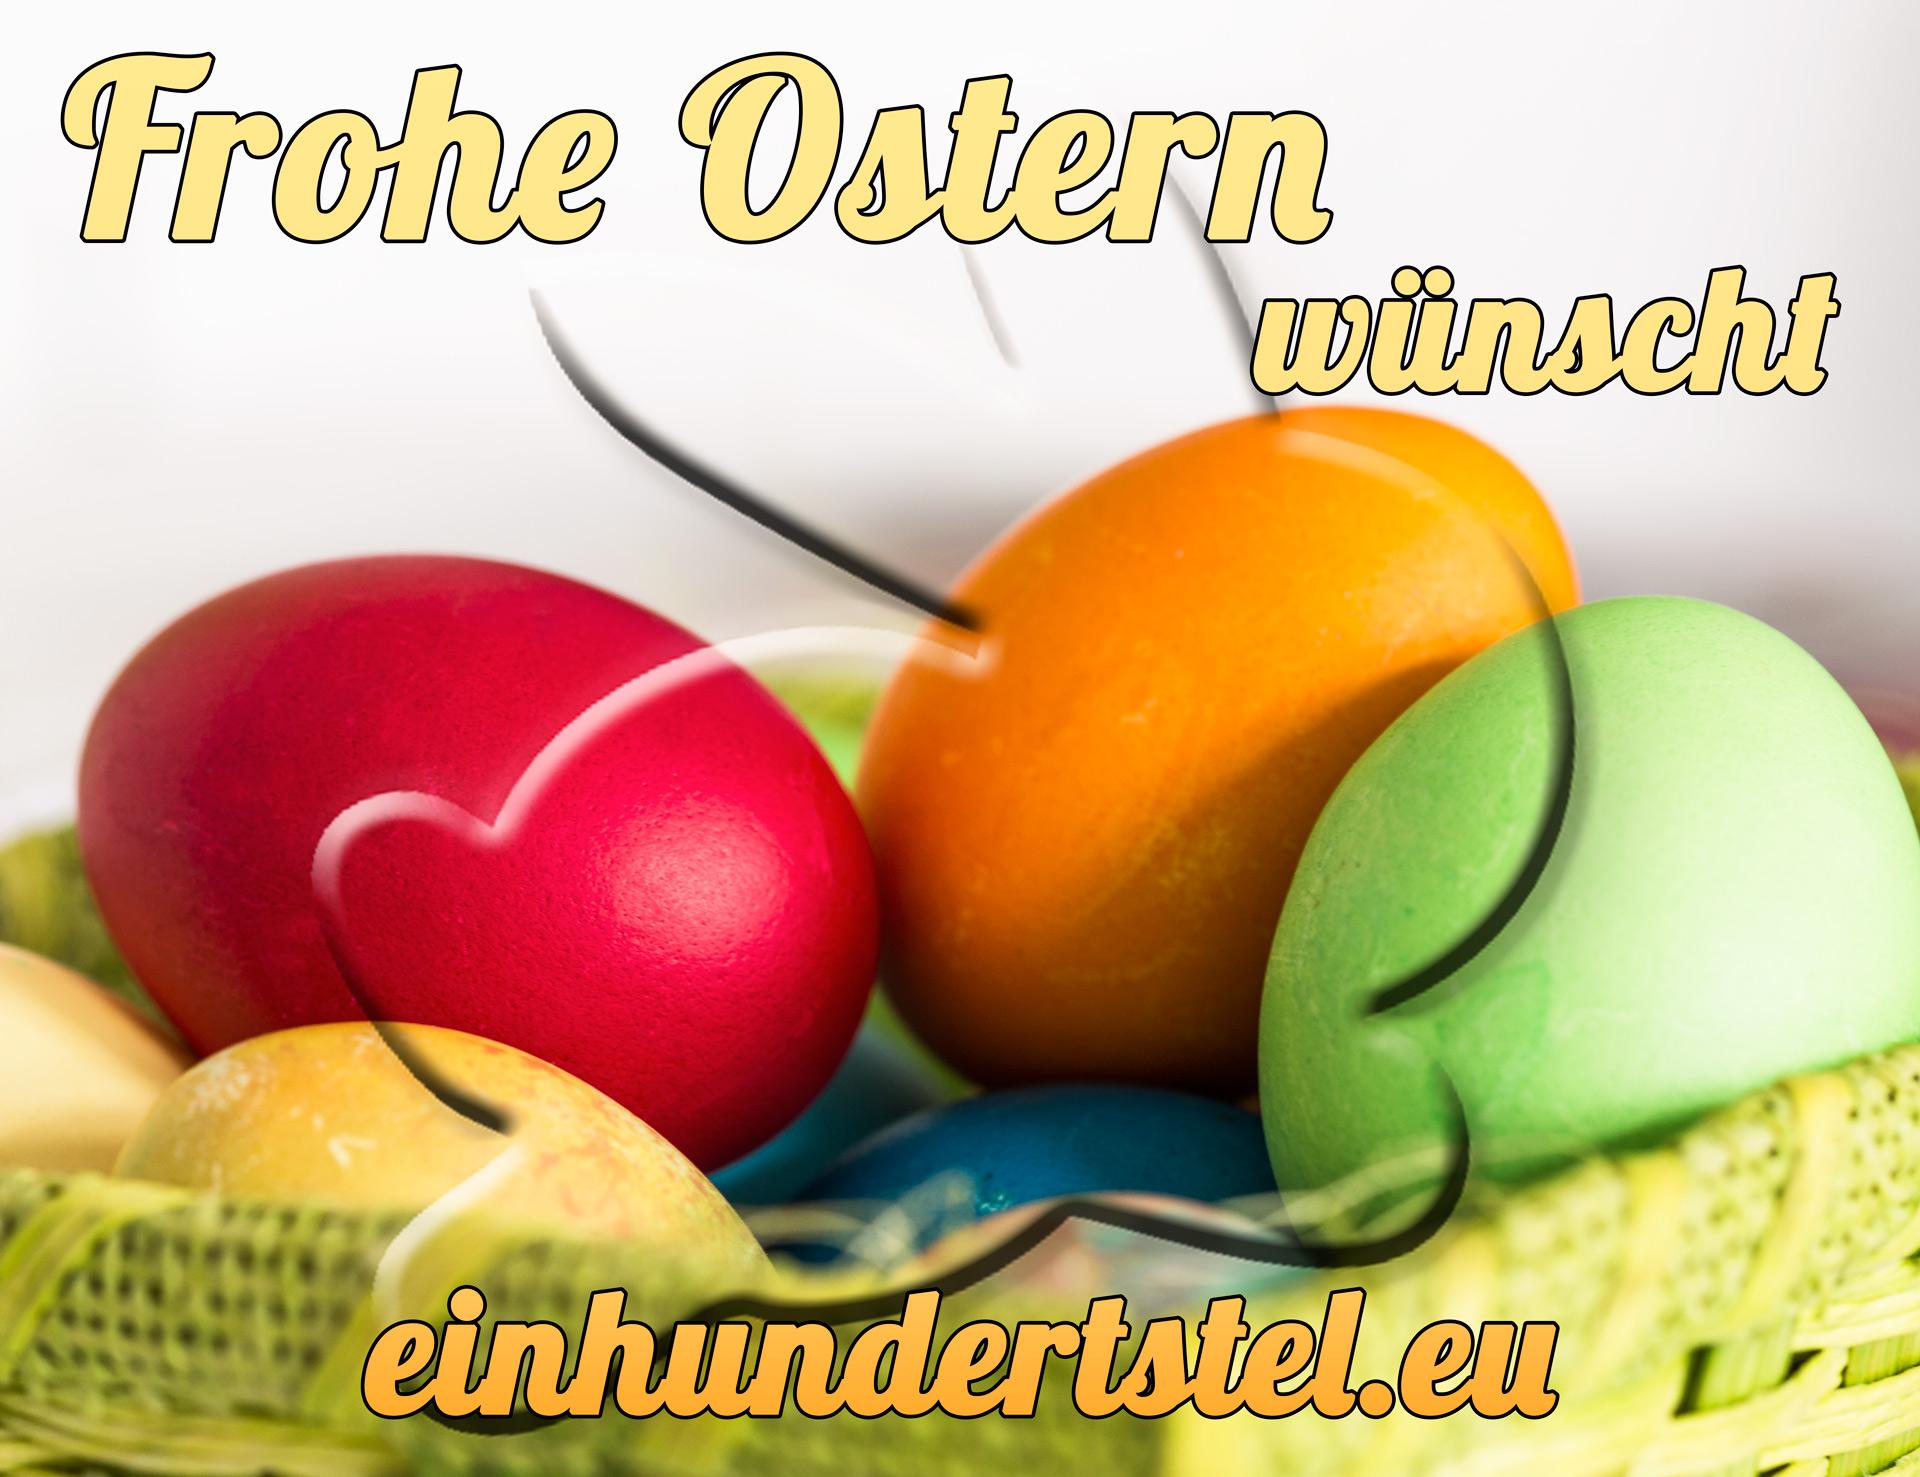 ostern_einhundertstel_klein